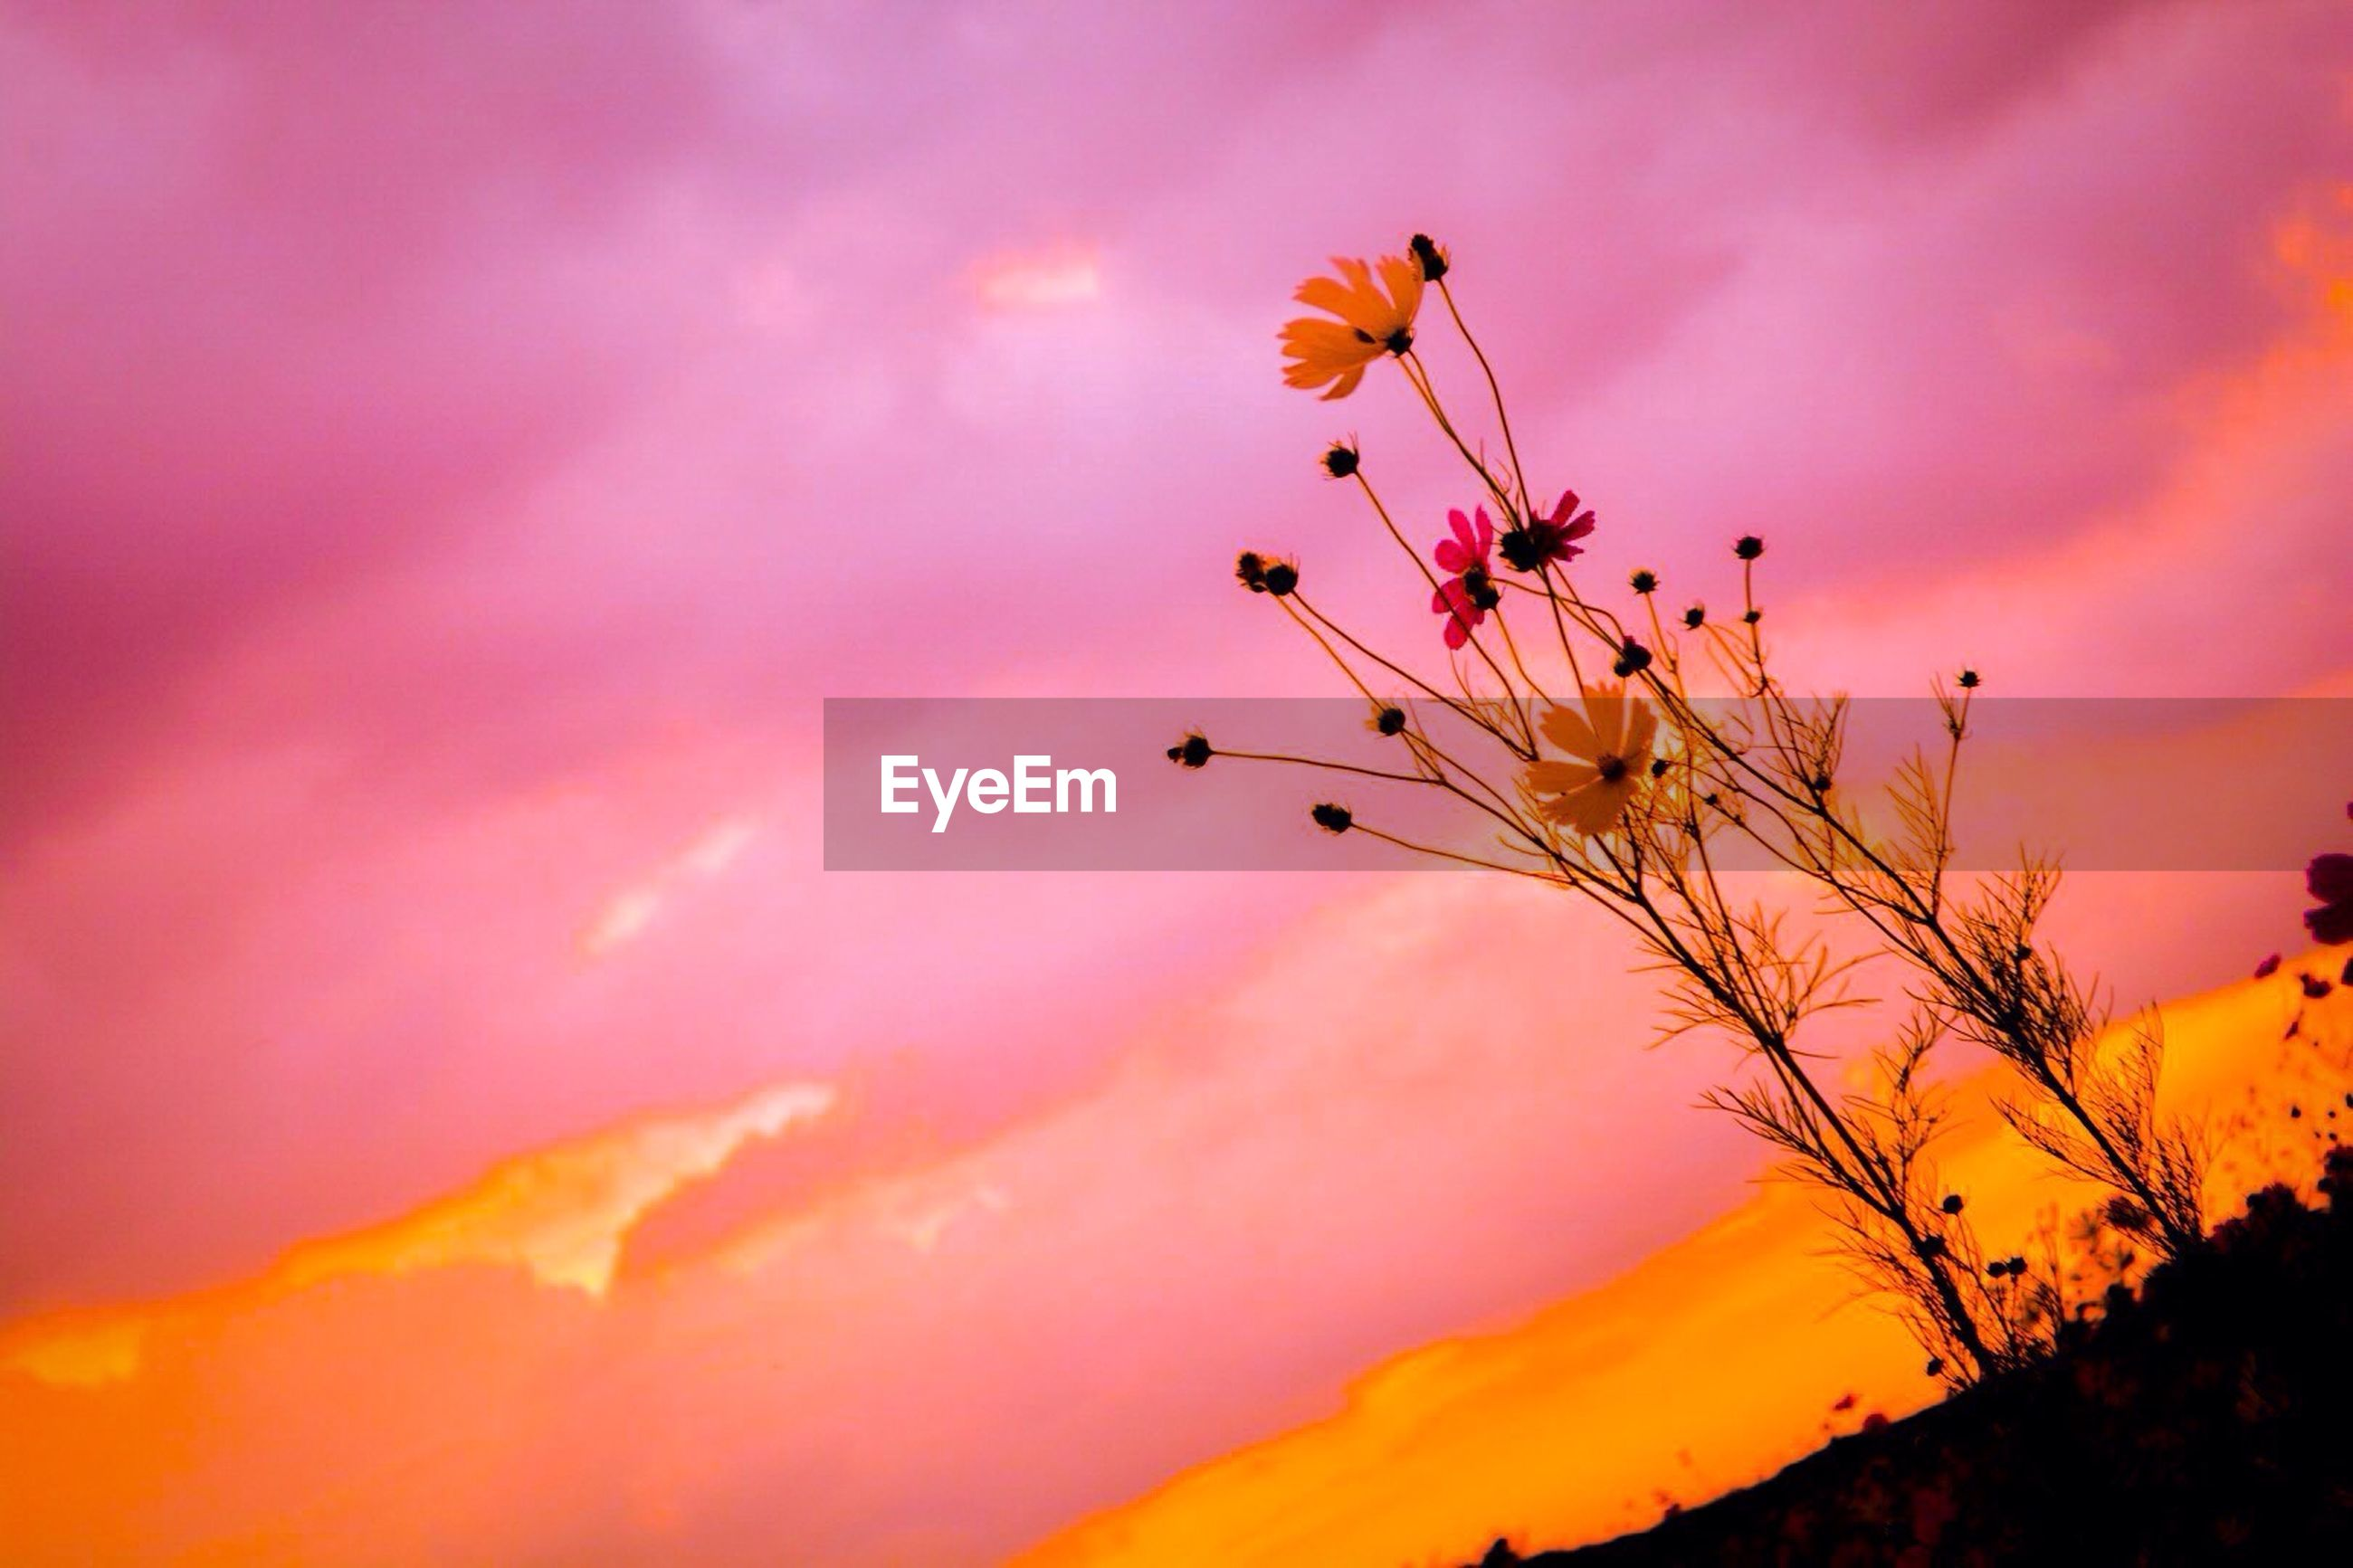 Wildflowers against purple sky